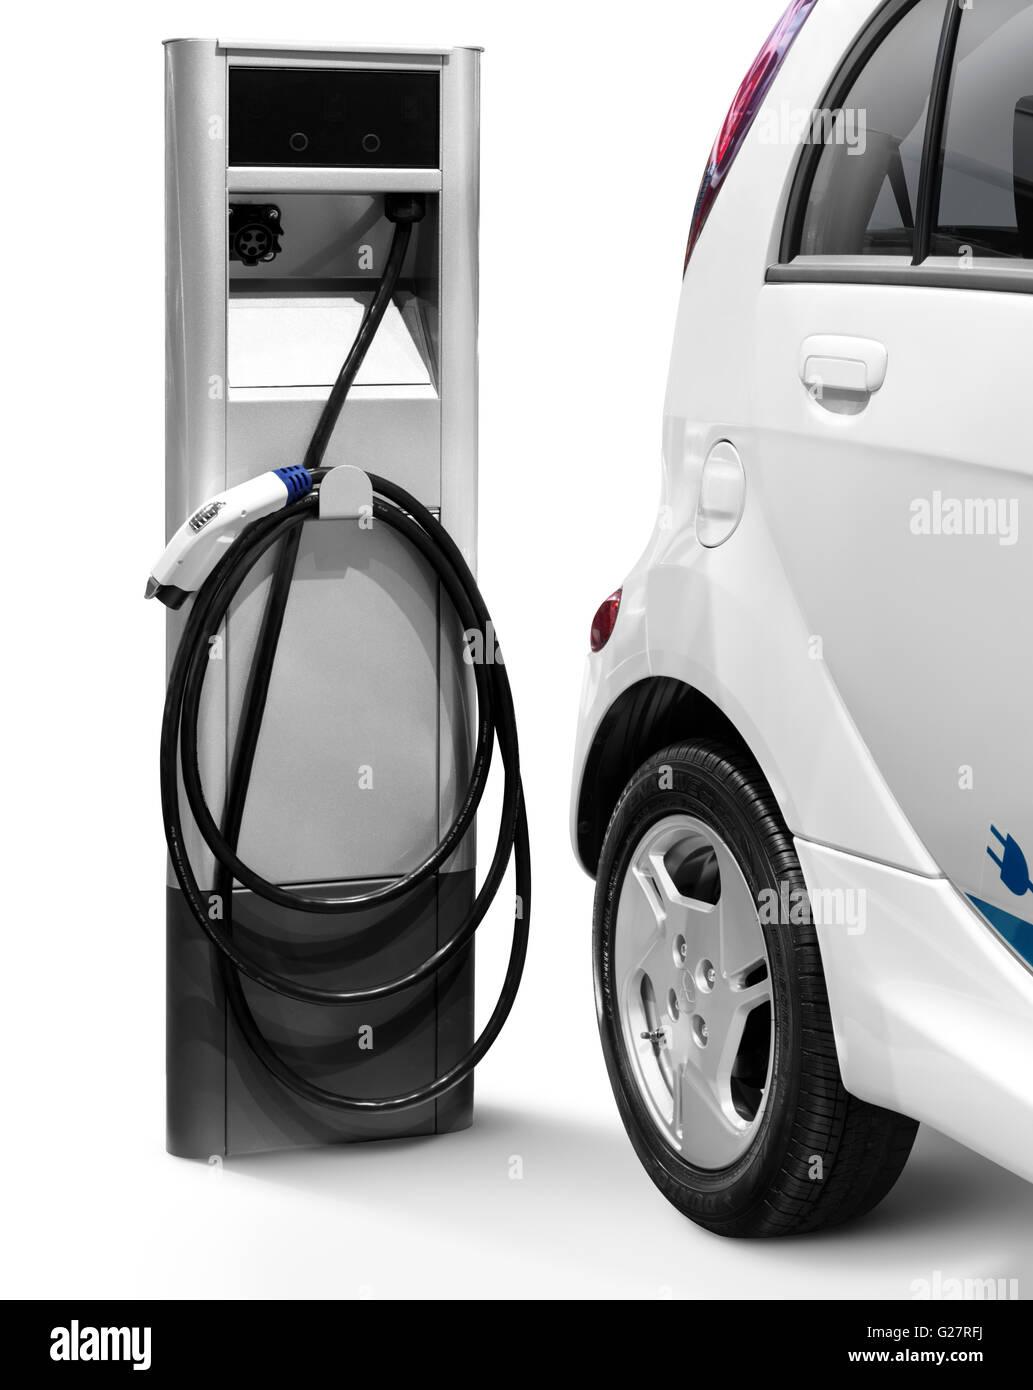 Mitsubishi I MiEV Electric Car At A Charging Station   Stock Image